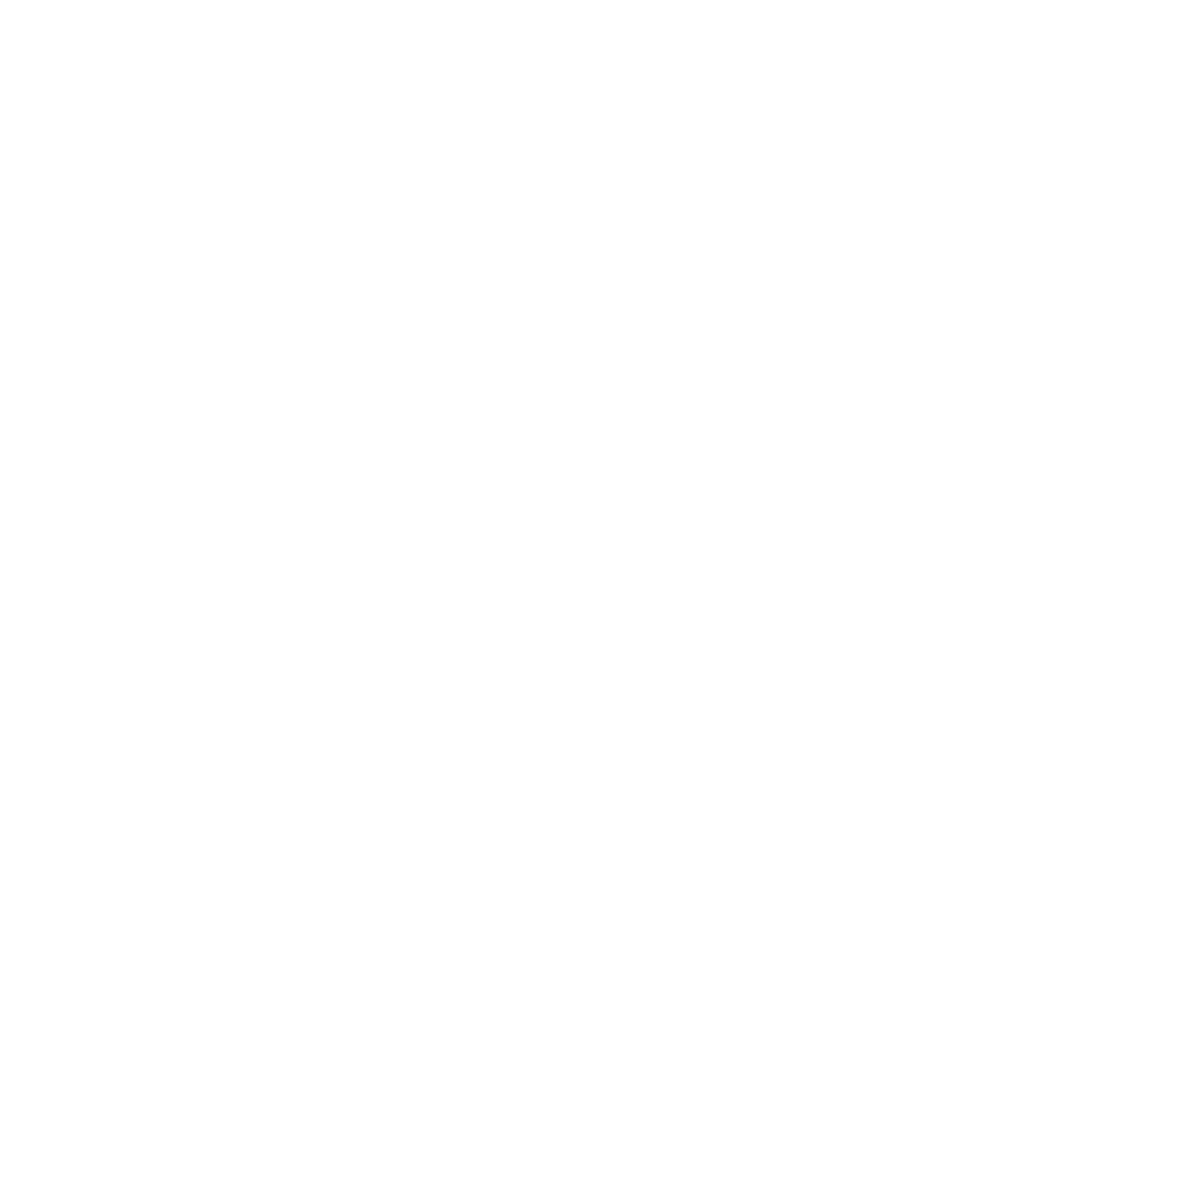 Najbolje domace erotske price   Main page   stanodnanguaff